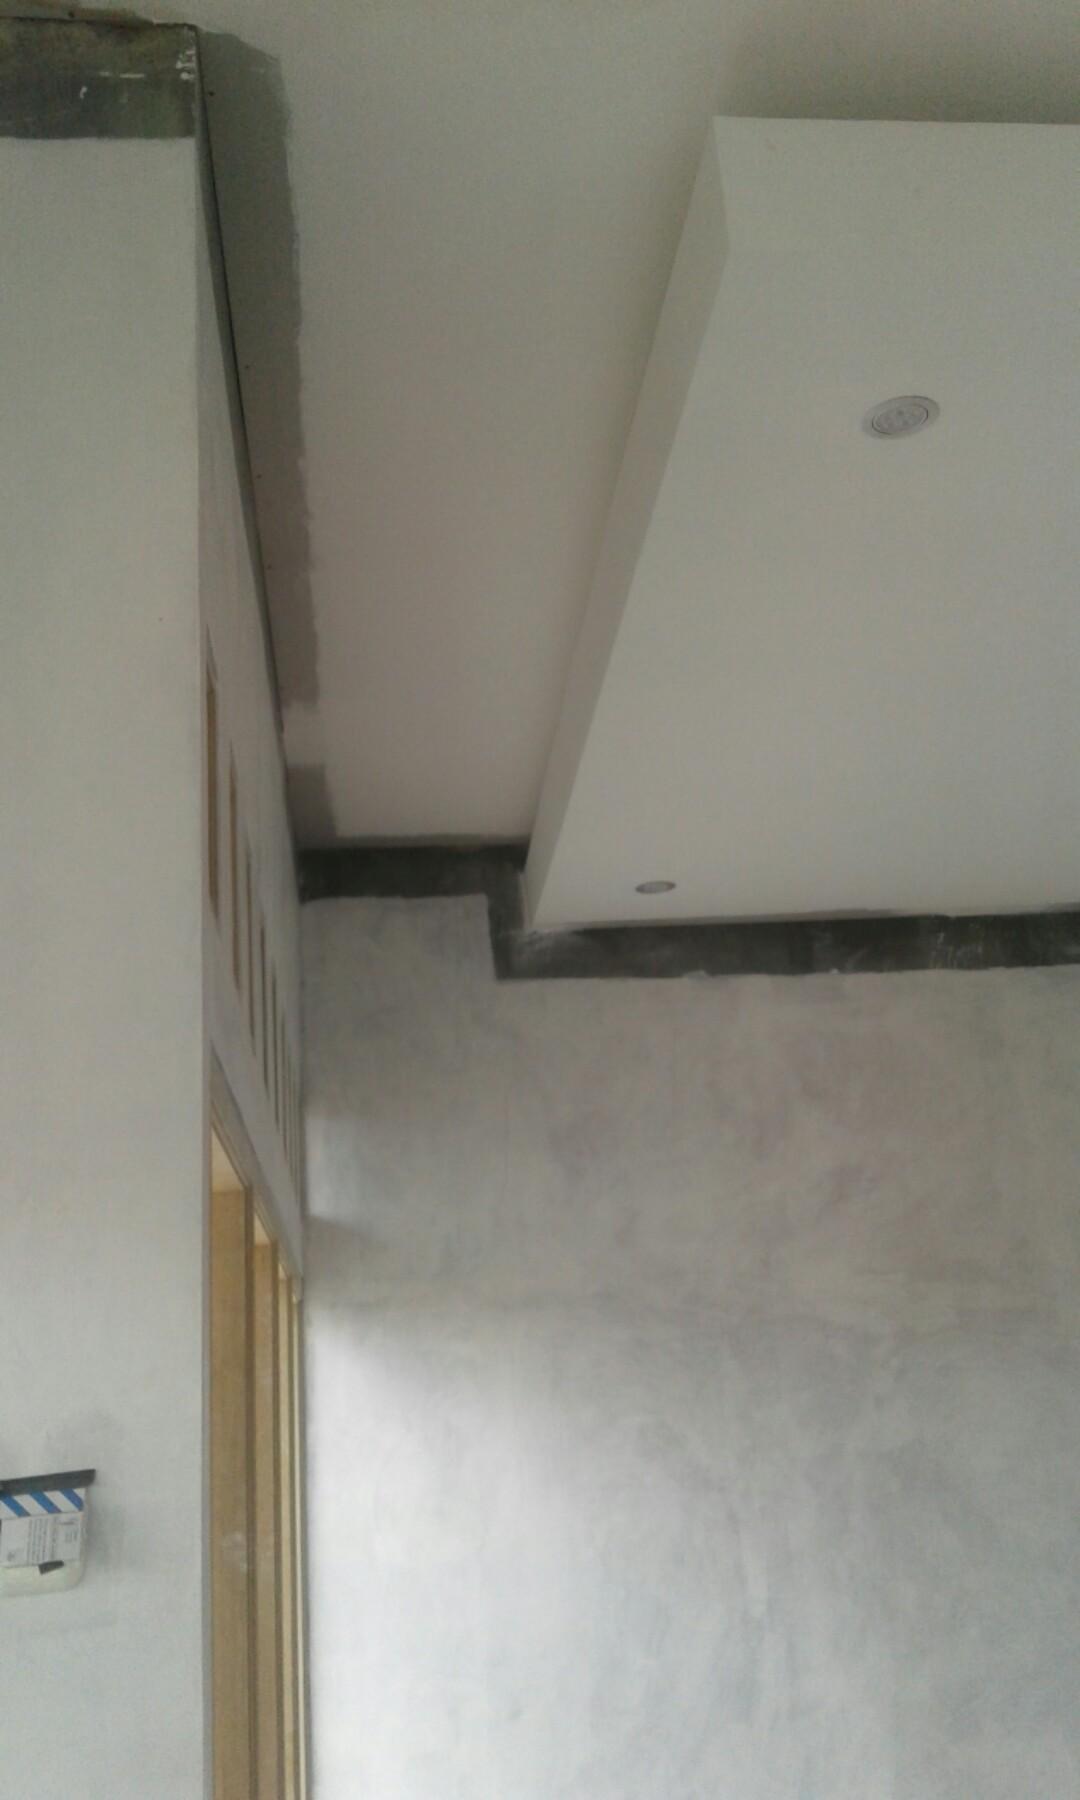 Kanopi,pager,balkon,reling,tralis,tangga putar,pintu handershon,sipil